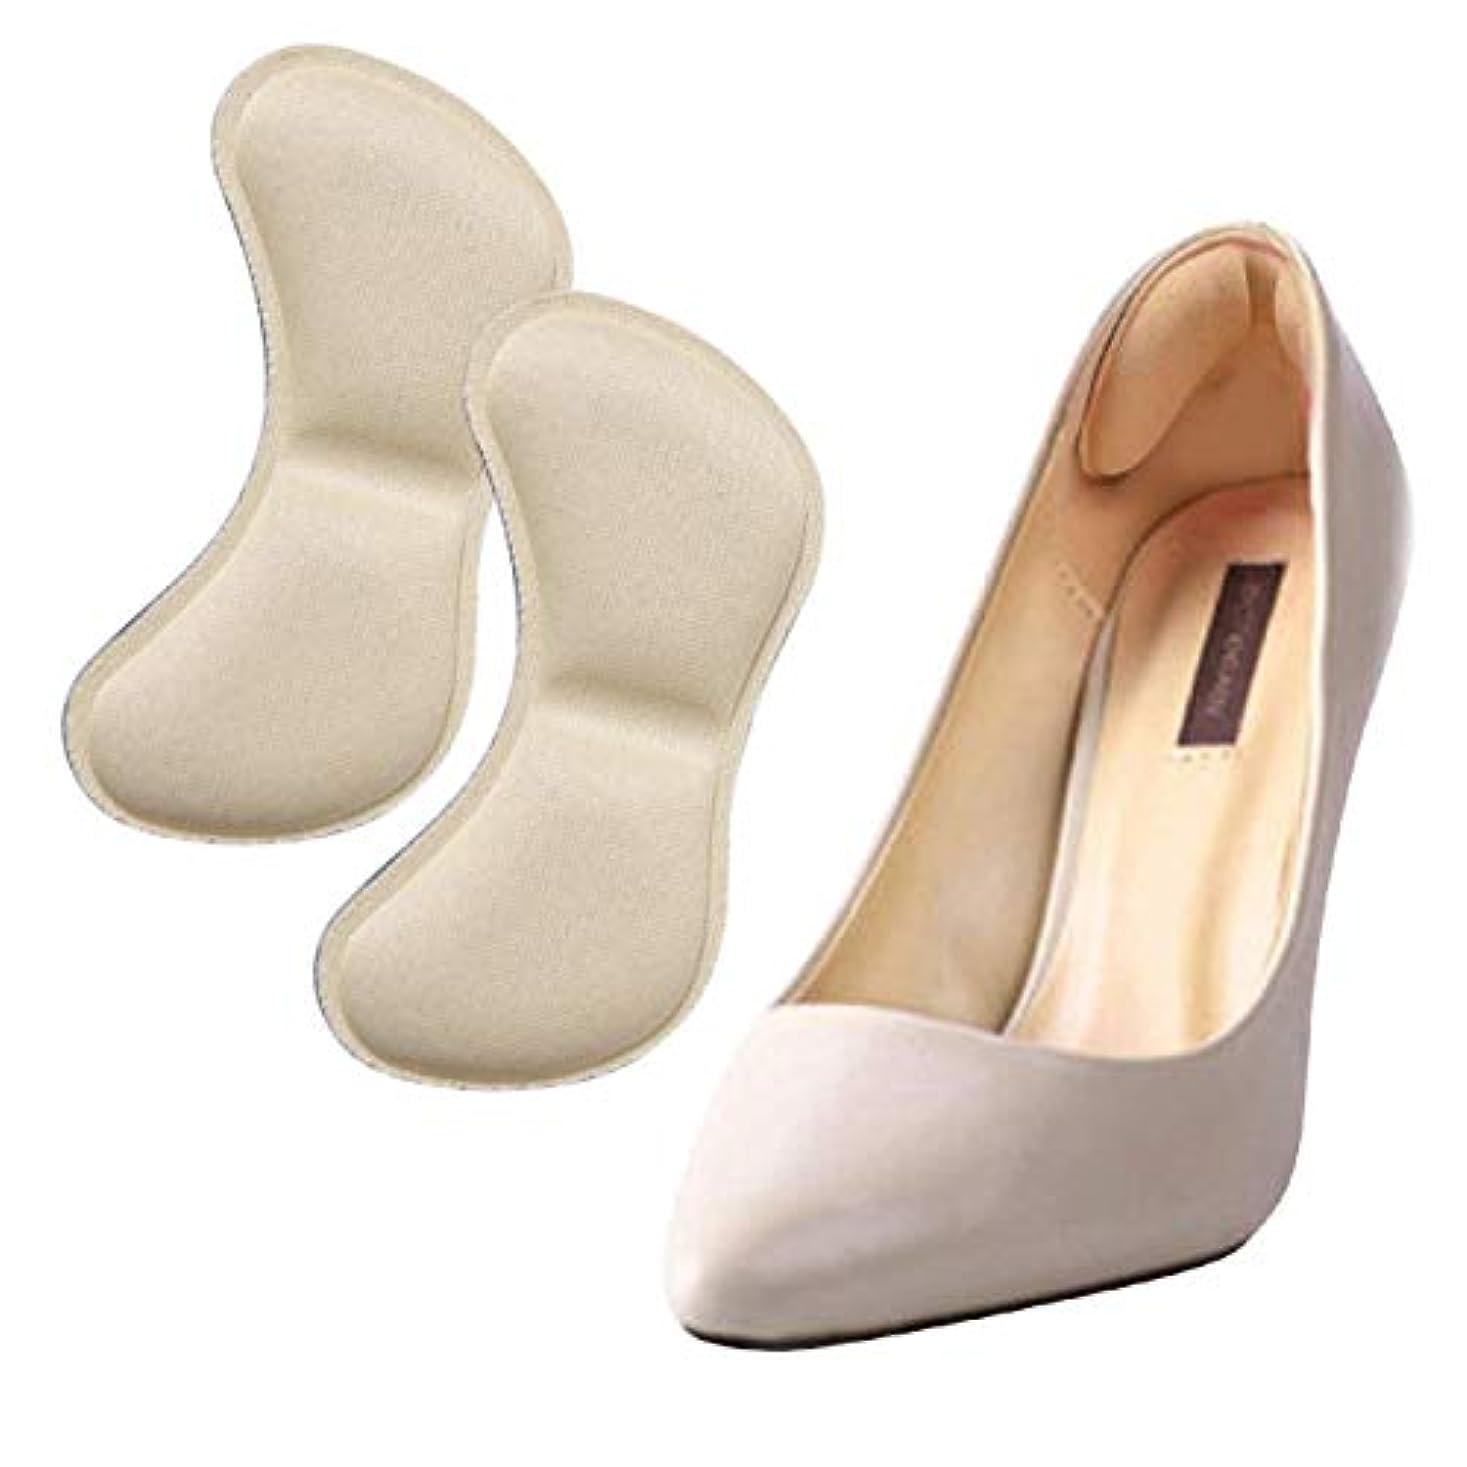 おめでとうシルエットワゴンsac taske かかとパッド レディース 靴ずれ 防止 パッド かかと 足用 ヒール 保護 10足 (ベージュ 10足セット)